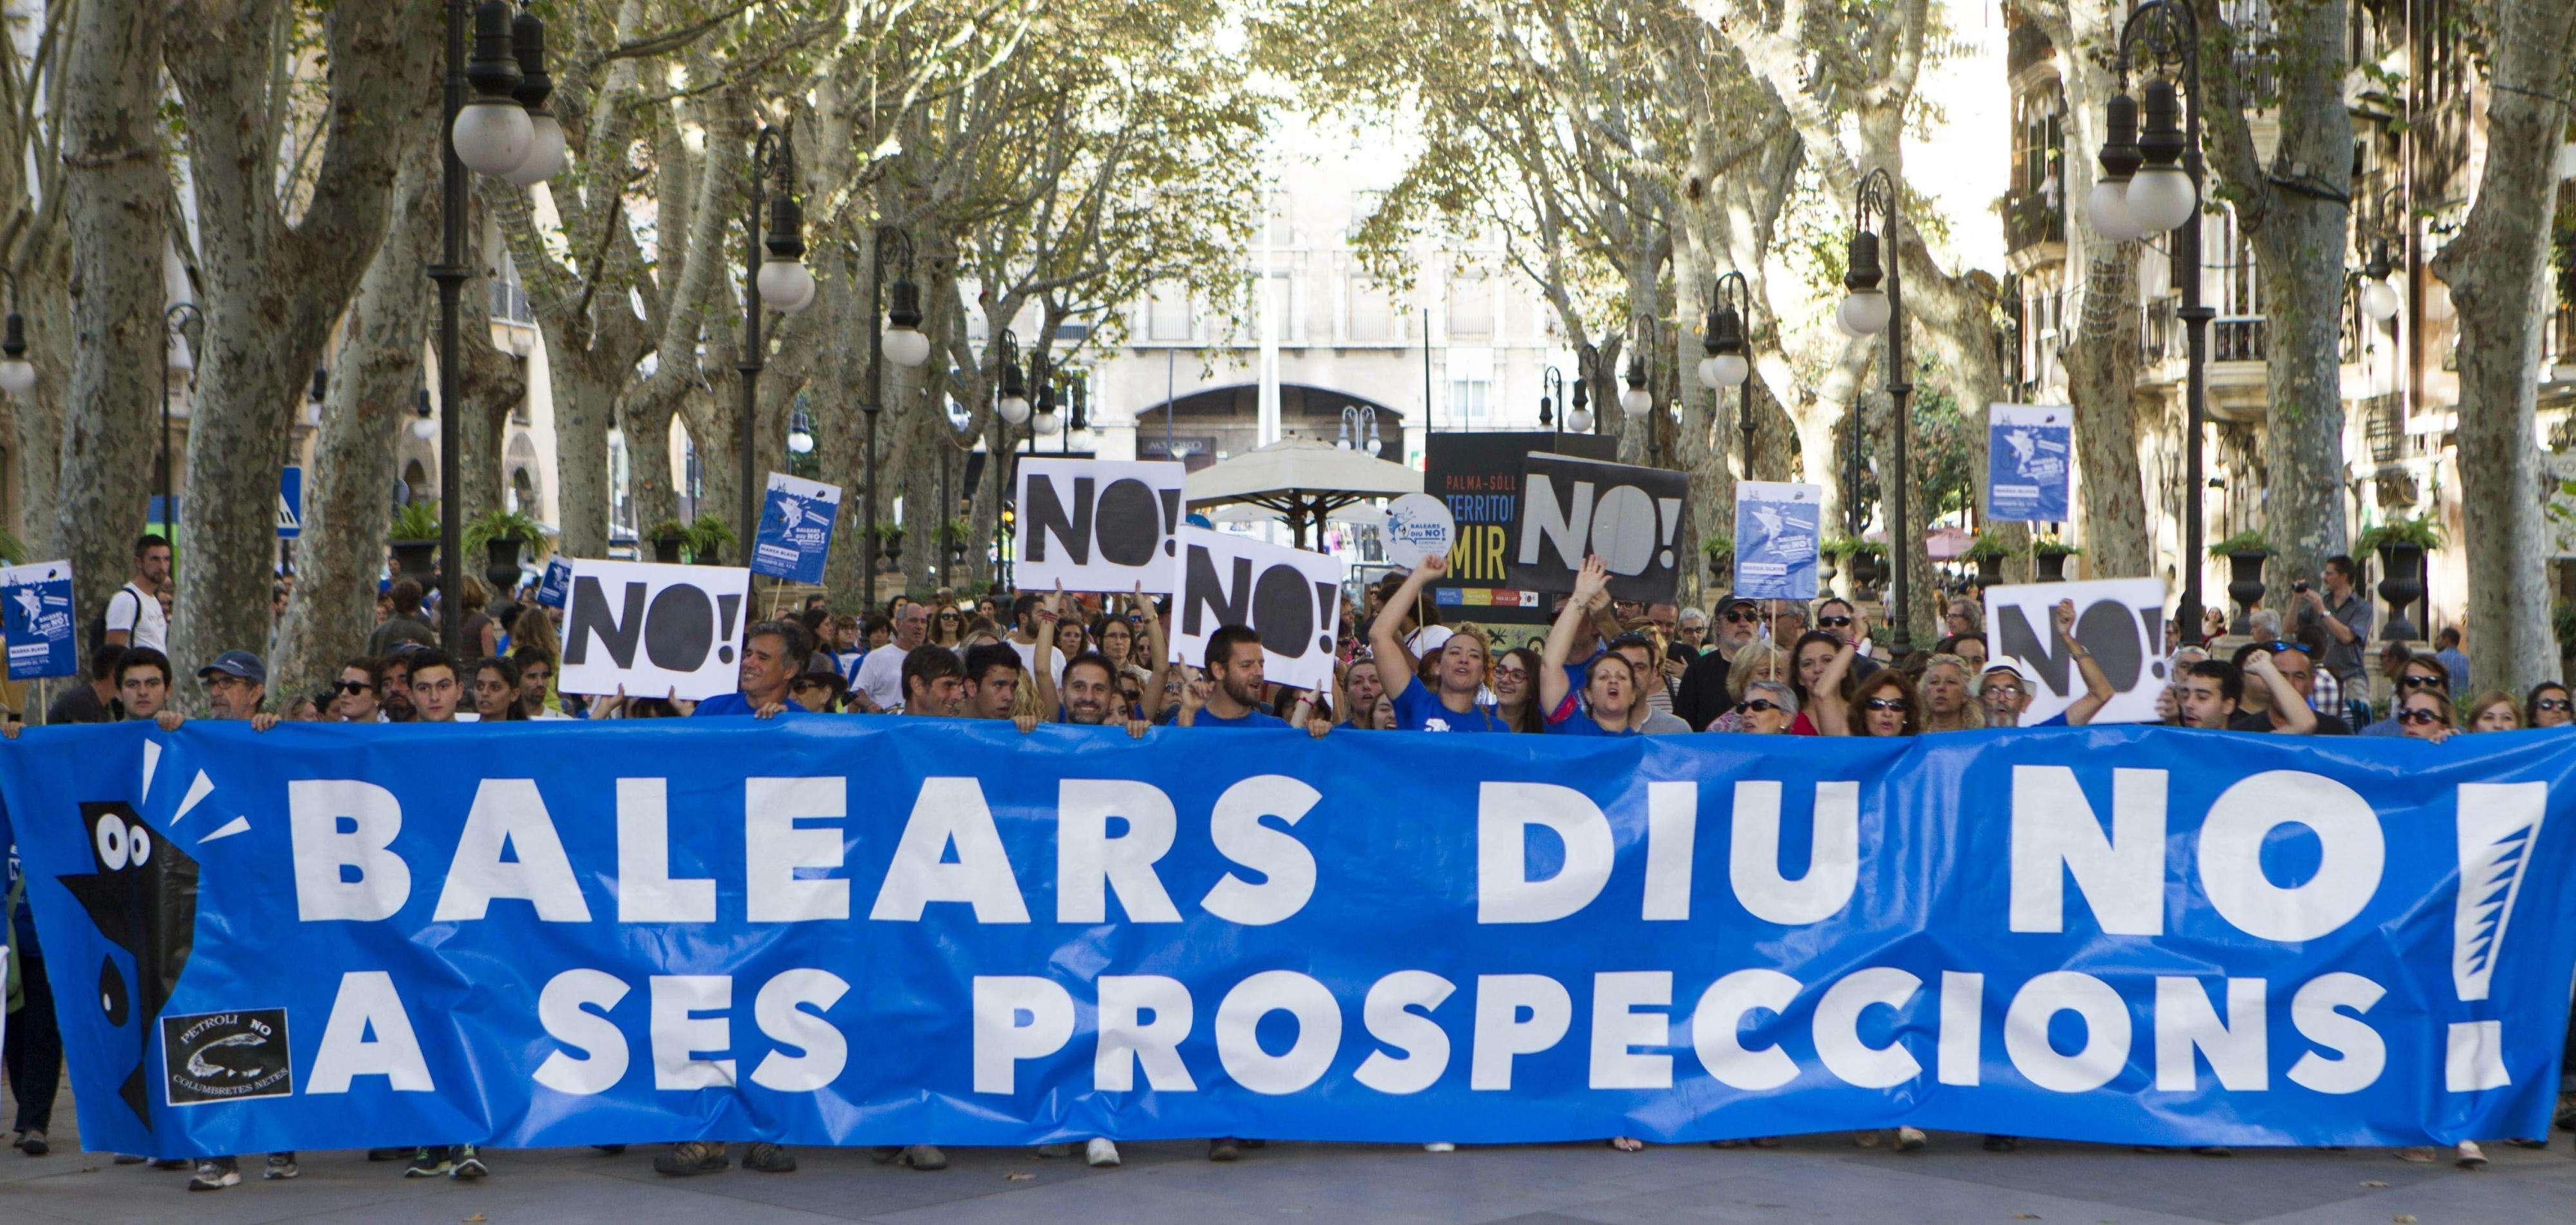 Un momento de la manifestación convocada por Balears Diu NO, que ha transcurrido esta tarde por las principales calles de Palma de Mallorca contra las prospecciones en el mar Mediterráneo. Foto: EFE en español